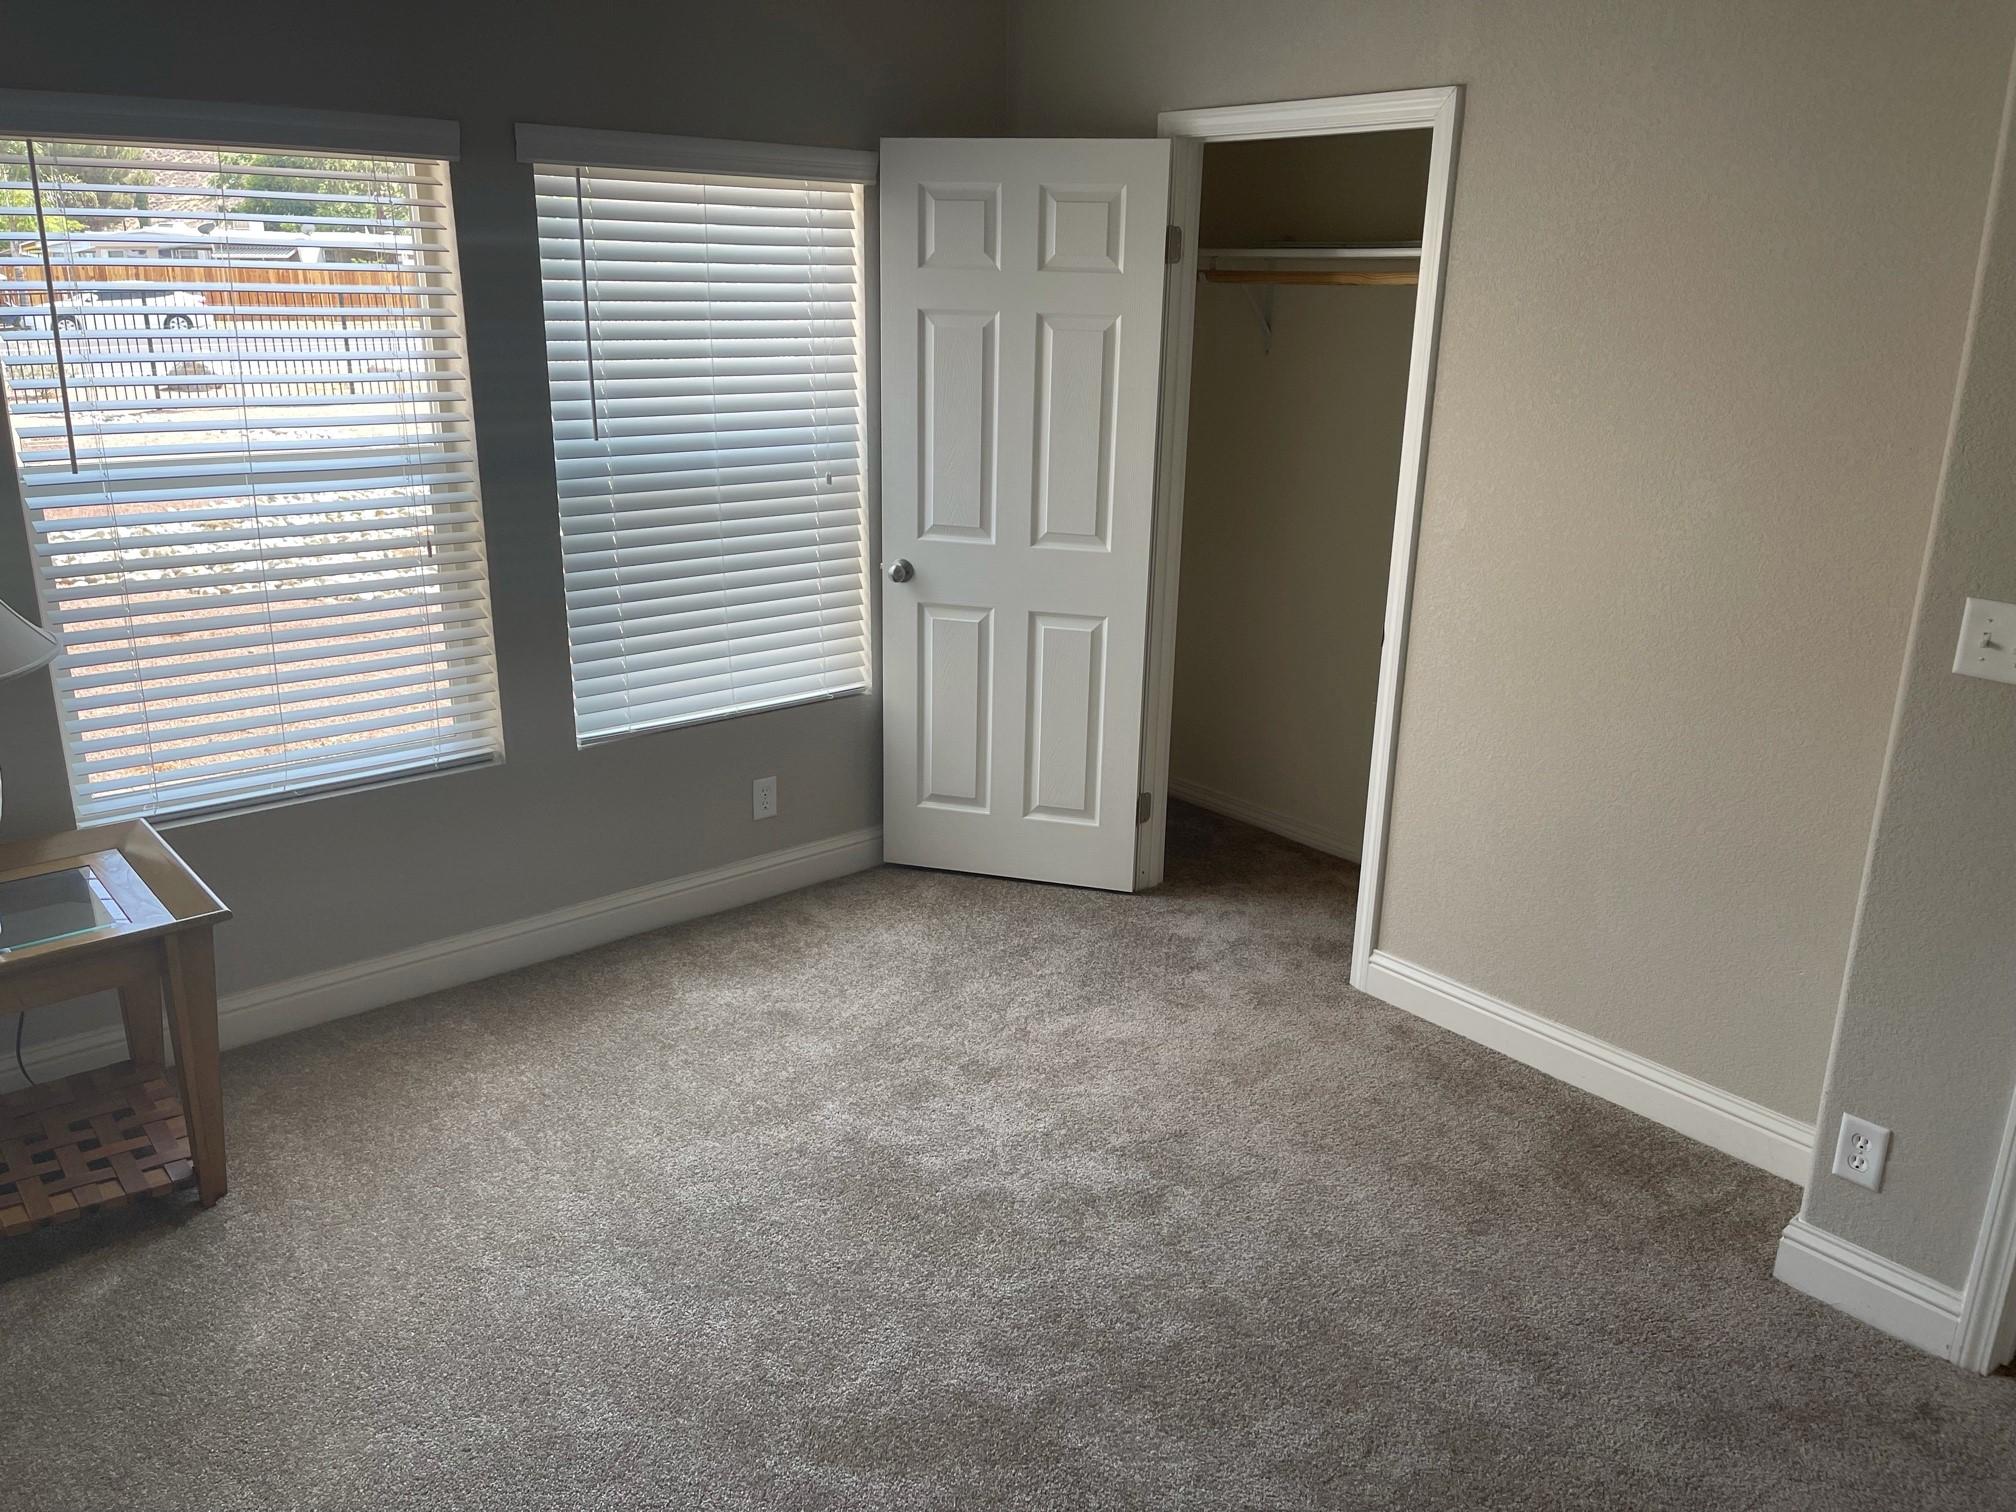 clayton golden west ck662ks Bedroom